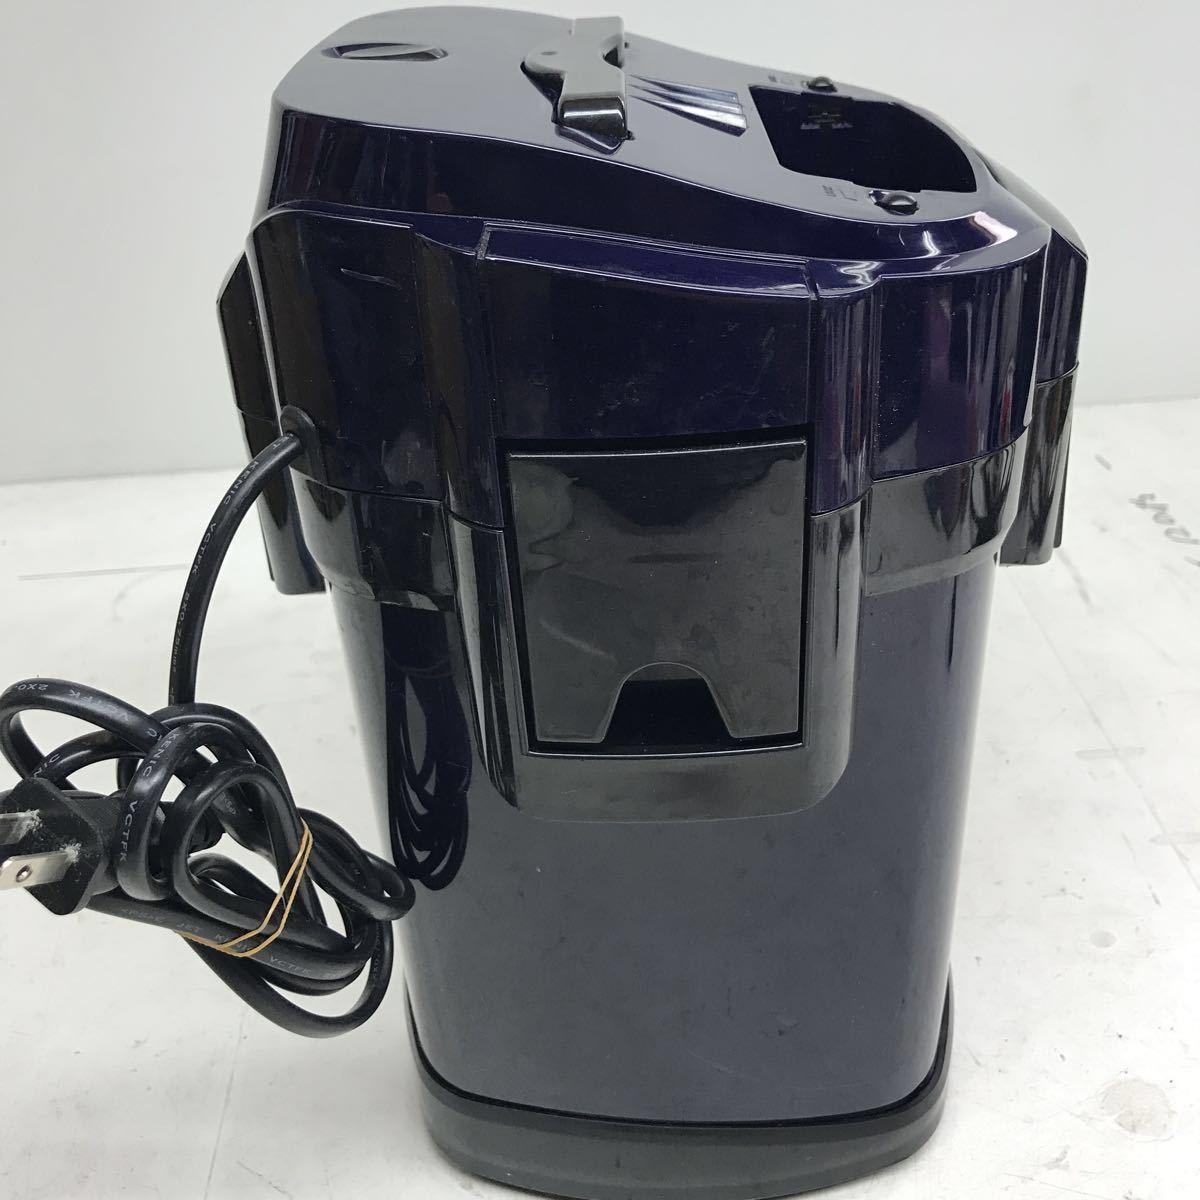 テトラ バリューエックス 75 VX-75 水槽用フィルター Tetra 中古品_画像4